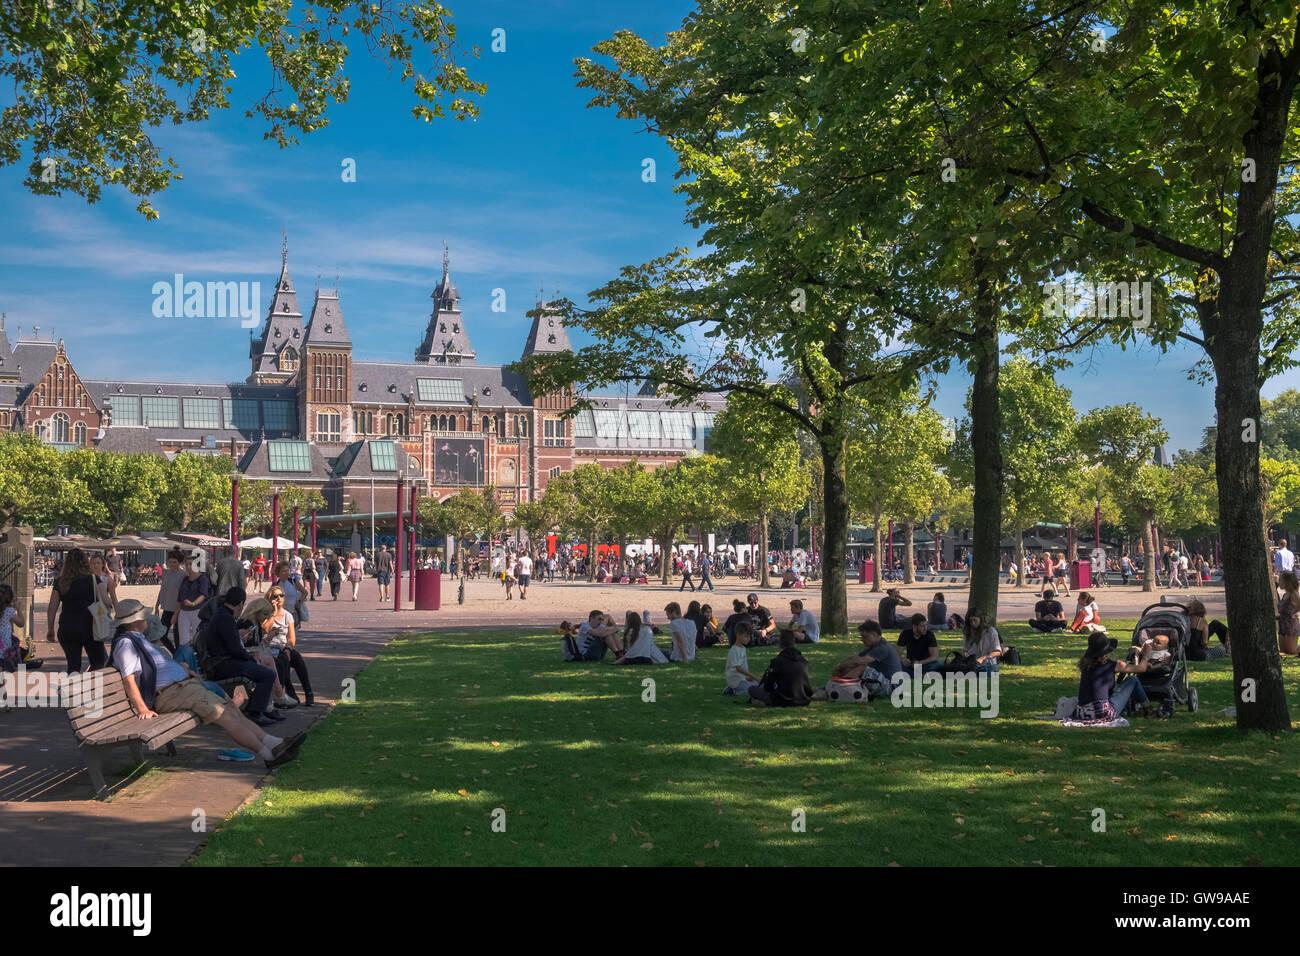 Menschen entspannen an einem warmen sonnigen Tag in der Nähe der Wahrzeichen Rijks Museum, Amsterdam, Niederlande Stockbild